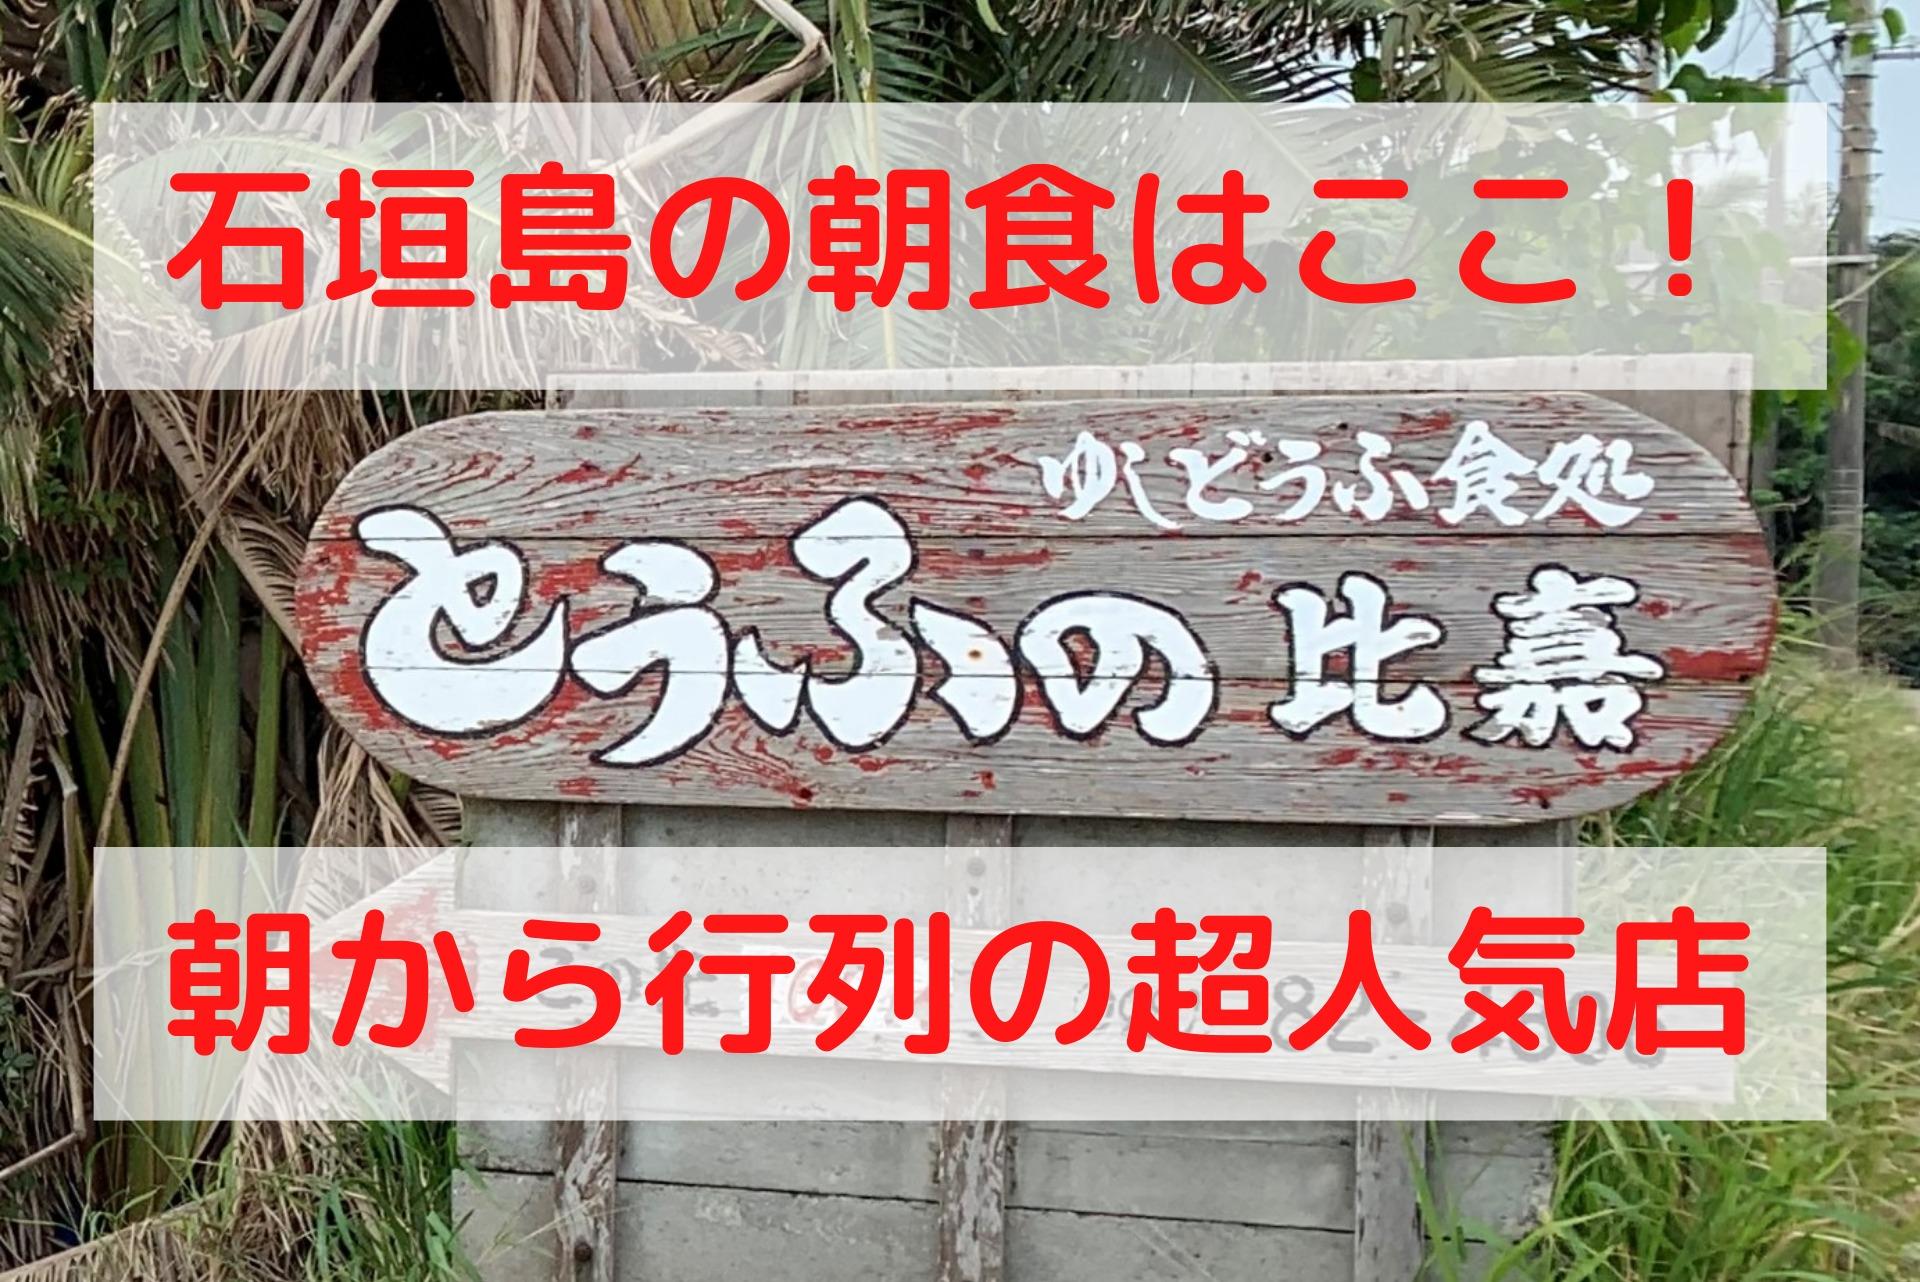 石垣島で一番人気の朝食と言えば、とうふの比嘉♪